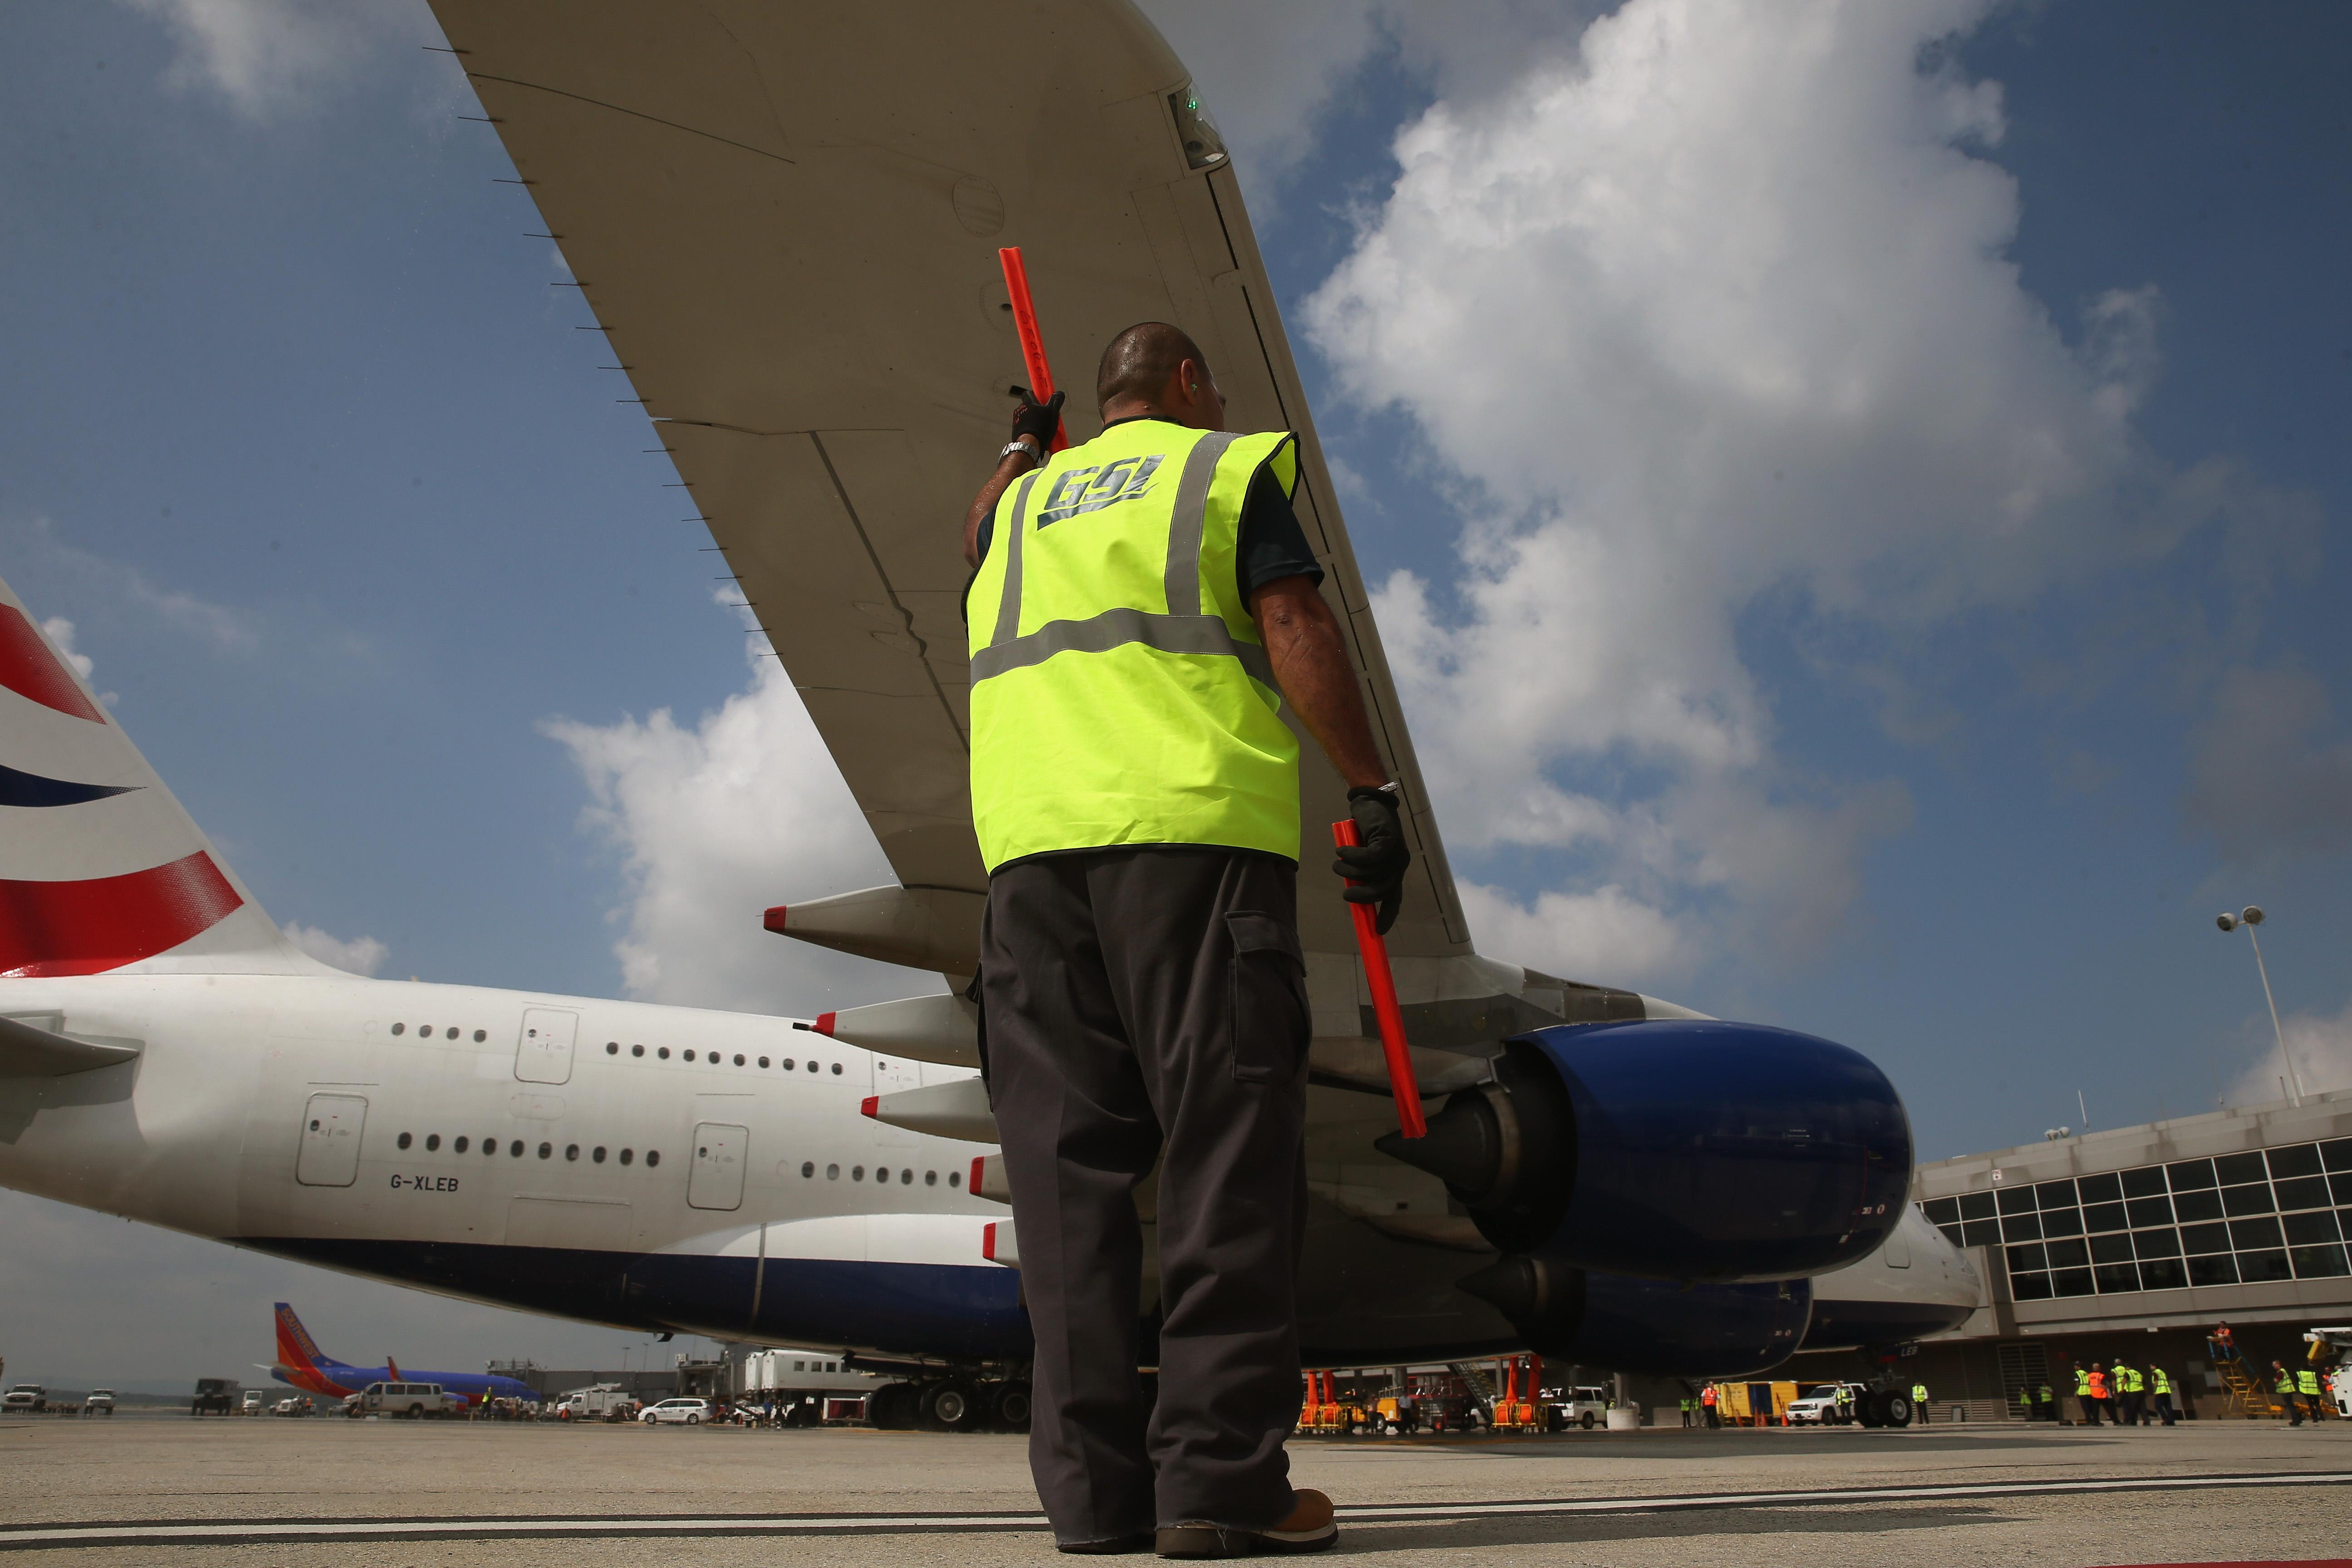 Majdnem minden utas elhányta magát a viharban landoló repülőn